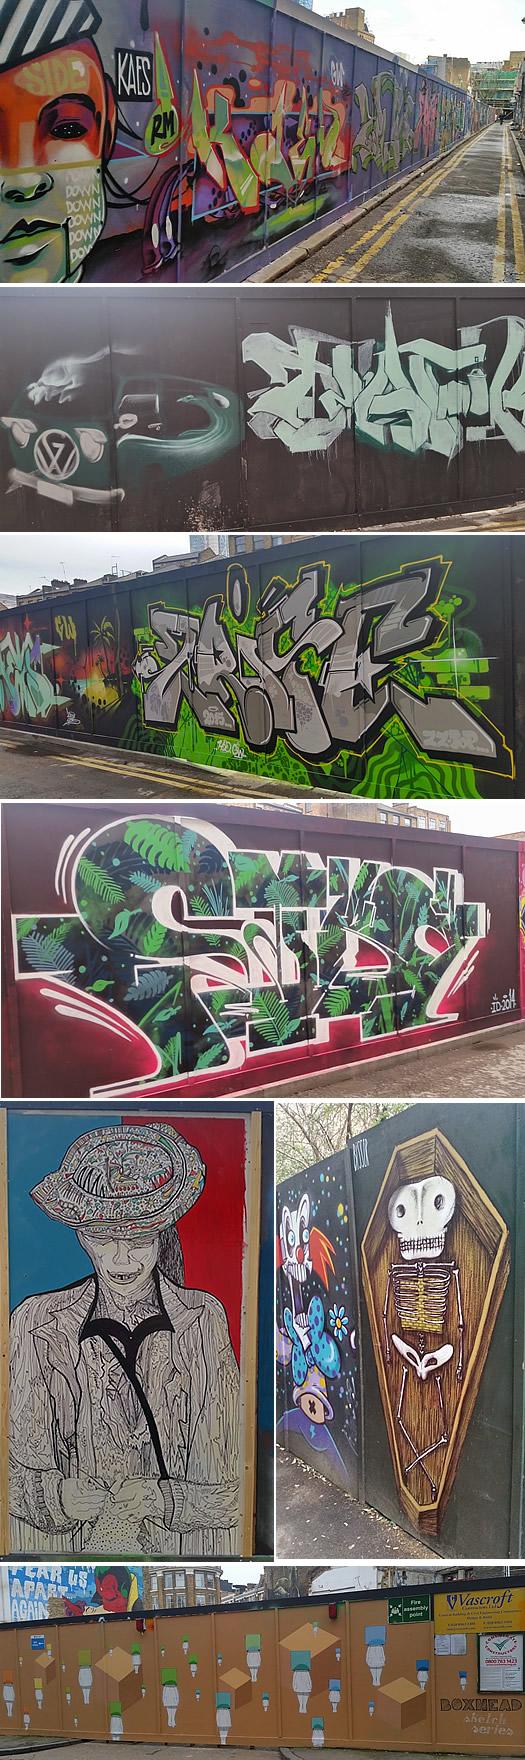 blackall-street-2015-20.jpg